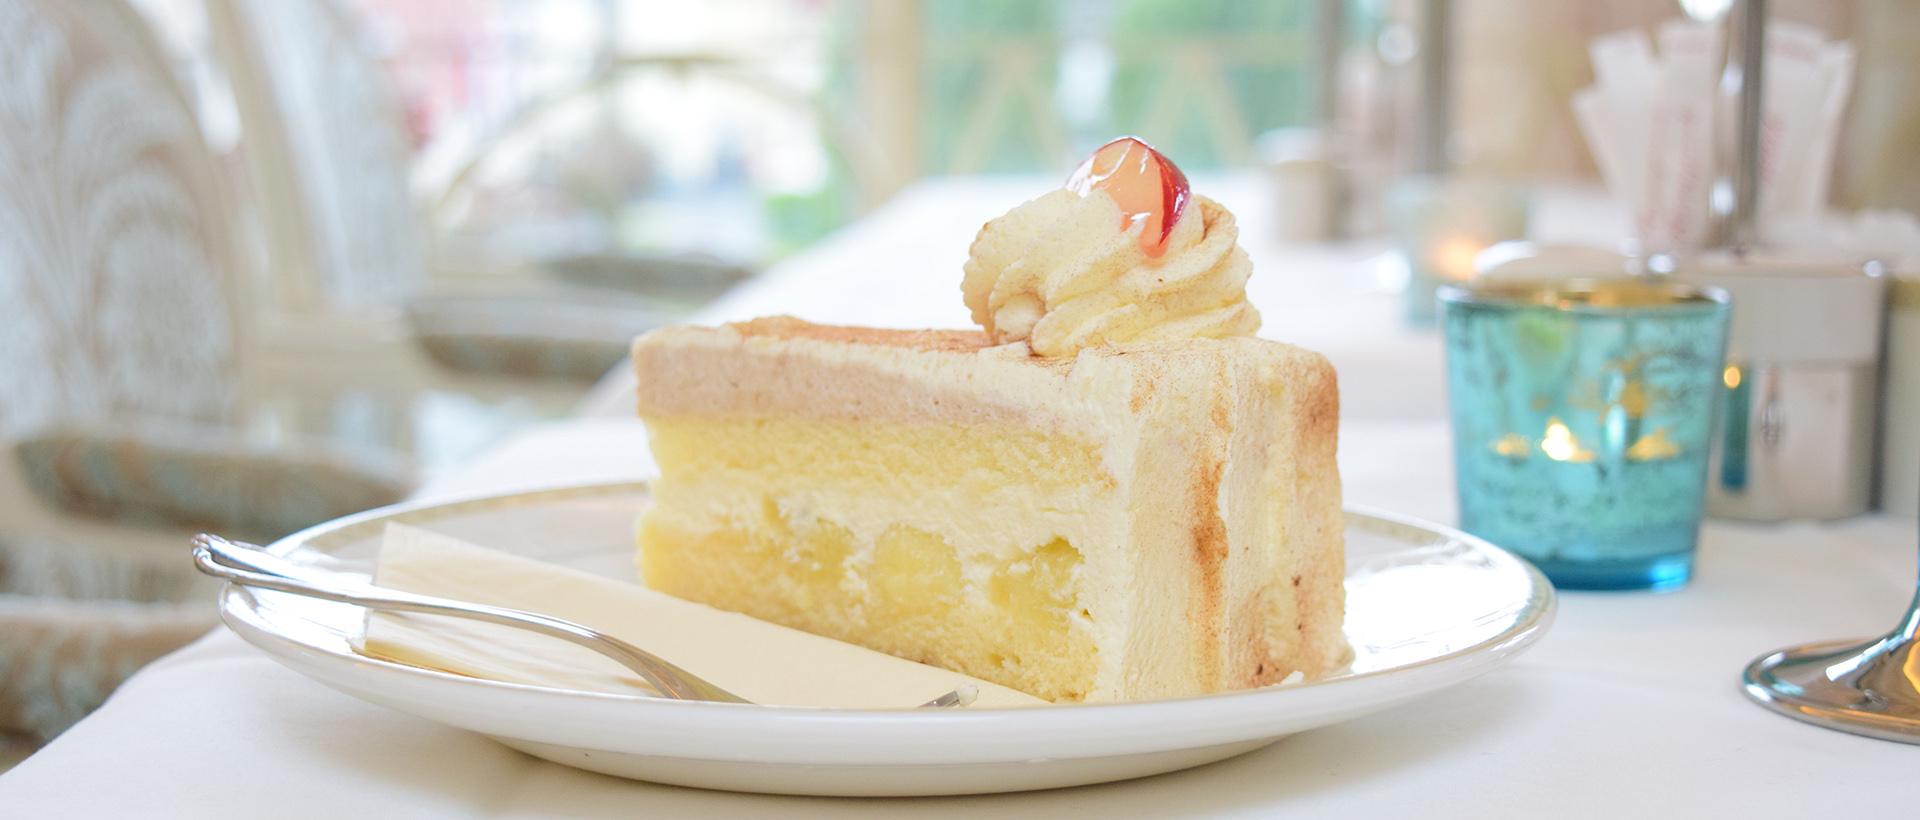 Torten und Kuchen im Café Rosenpark in Marburg